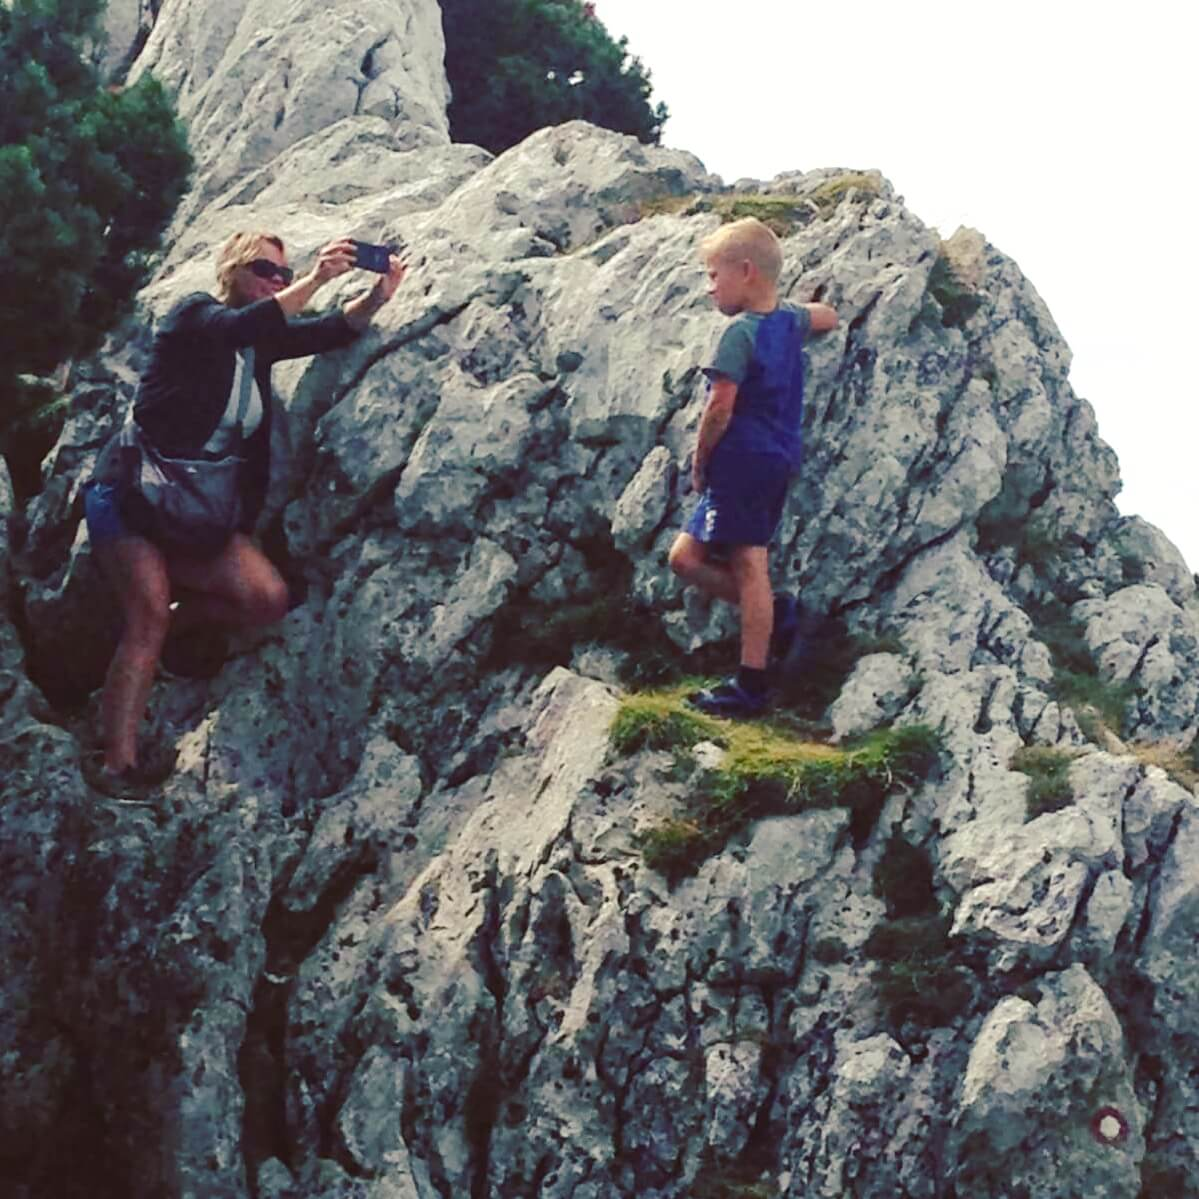 Vakantie in Slovenië met kids, Outdoor Paradijs! Klimmen met kinderen